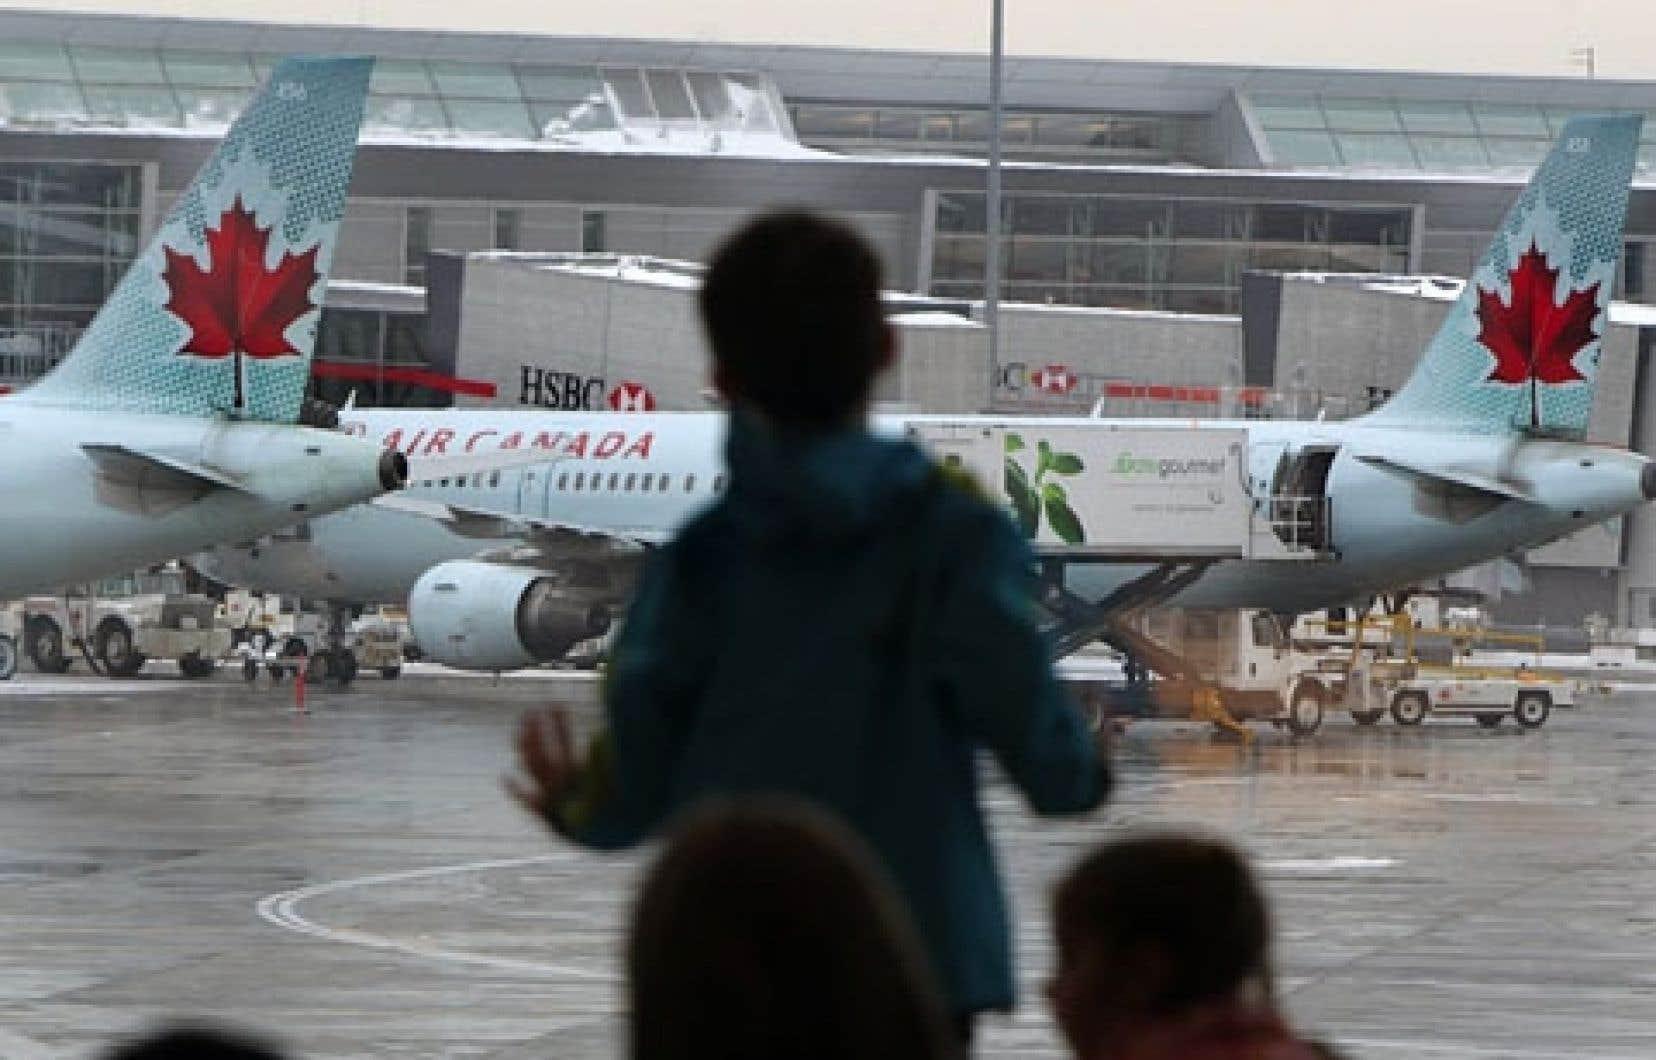 Le trafic passager d'Air Canada a augmenté de 2,7 % sur les liaisons canadiennes entre 2011 et 2012.